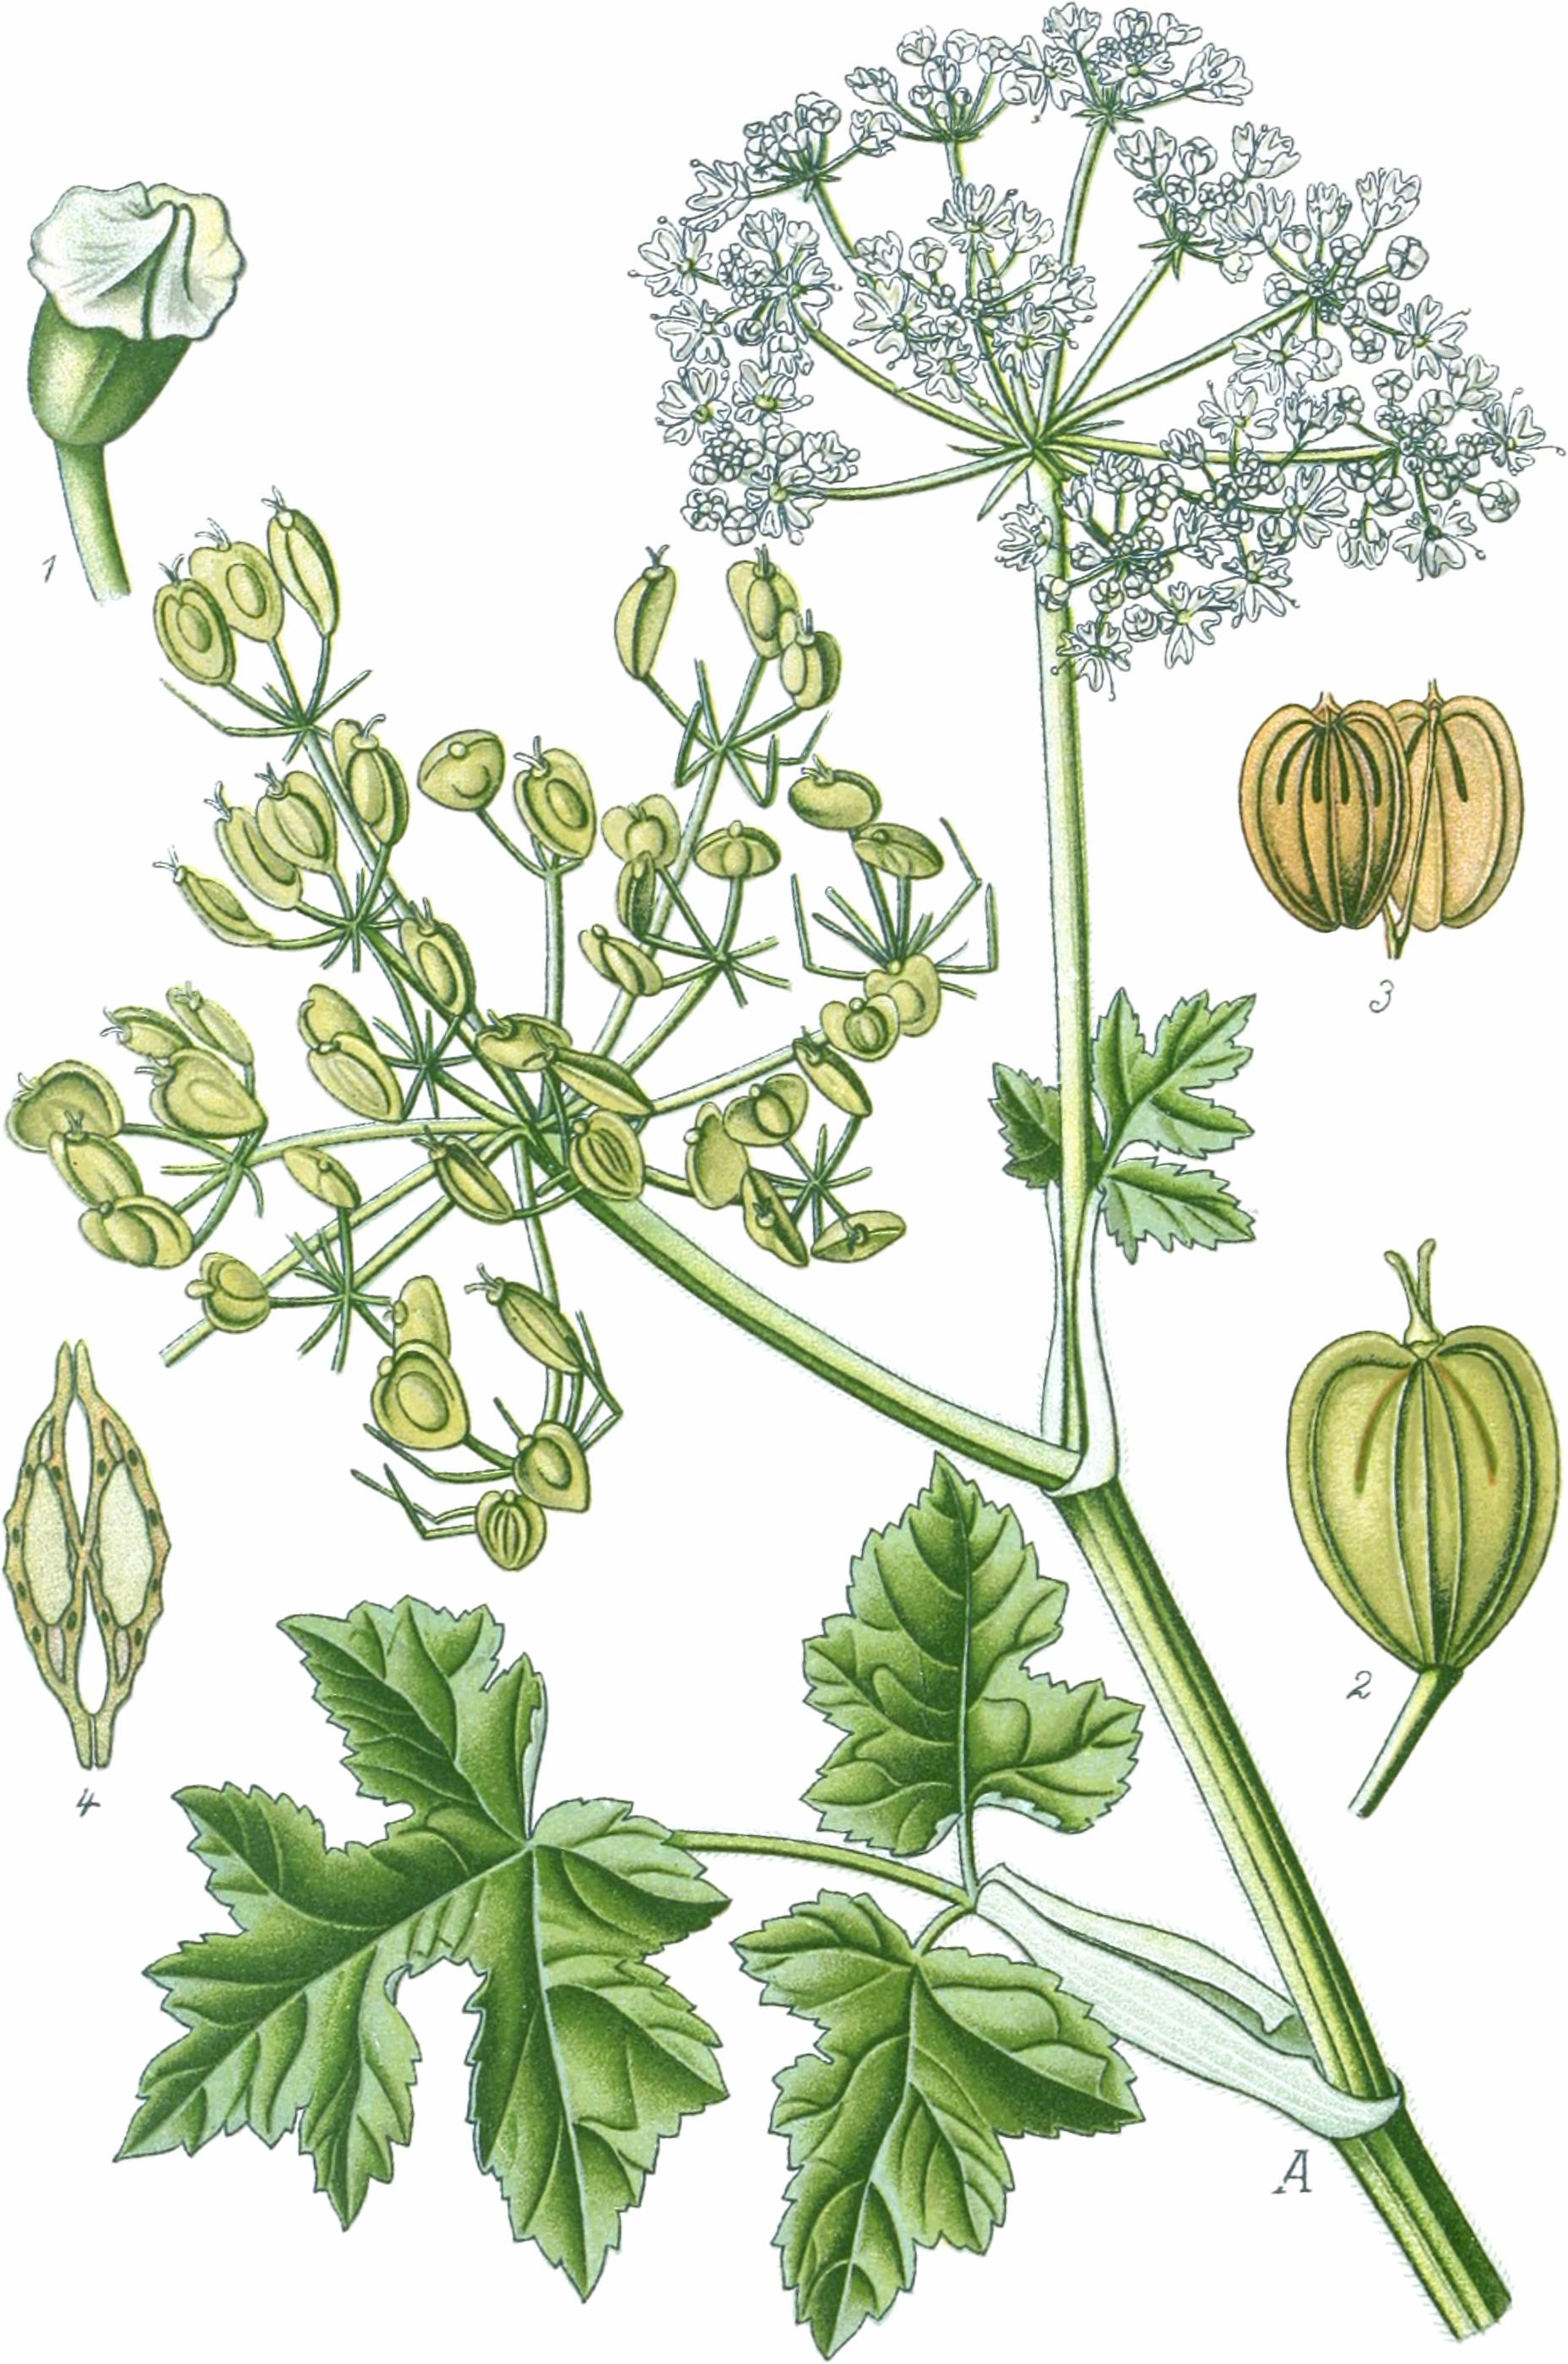 ATeil der Pflanze, 1Stempel; 2halbreife Frucht; 3Fruchtträger mit den Früchtchen; 4Fruchtquerschnitt. 1 bis 4 vergrößert—Abbildung nach Tafel 451 in Thomé & Müller u.a. (1905) verändert; Wiesen-Bärenklau, Gemeiner Bärenklau, Bärentatze and Gemeines Heilkraut